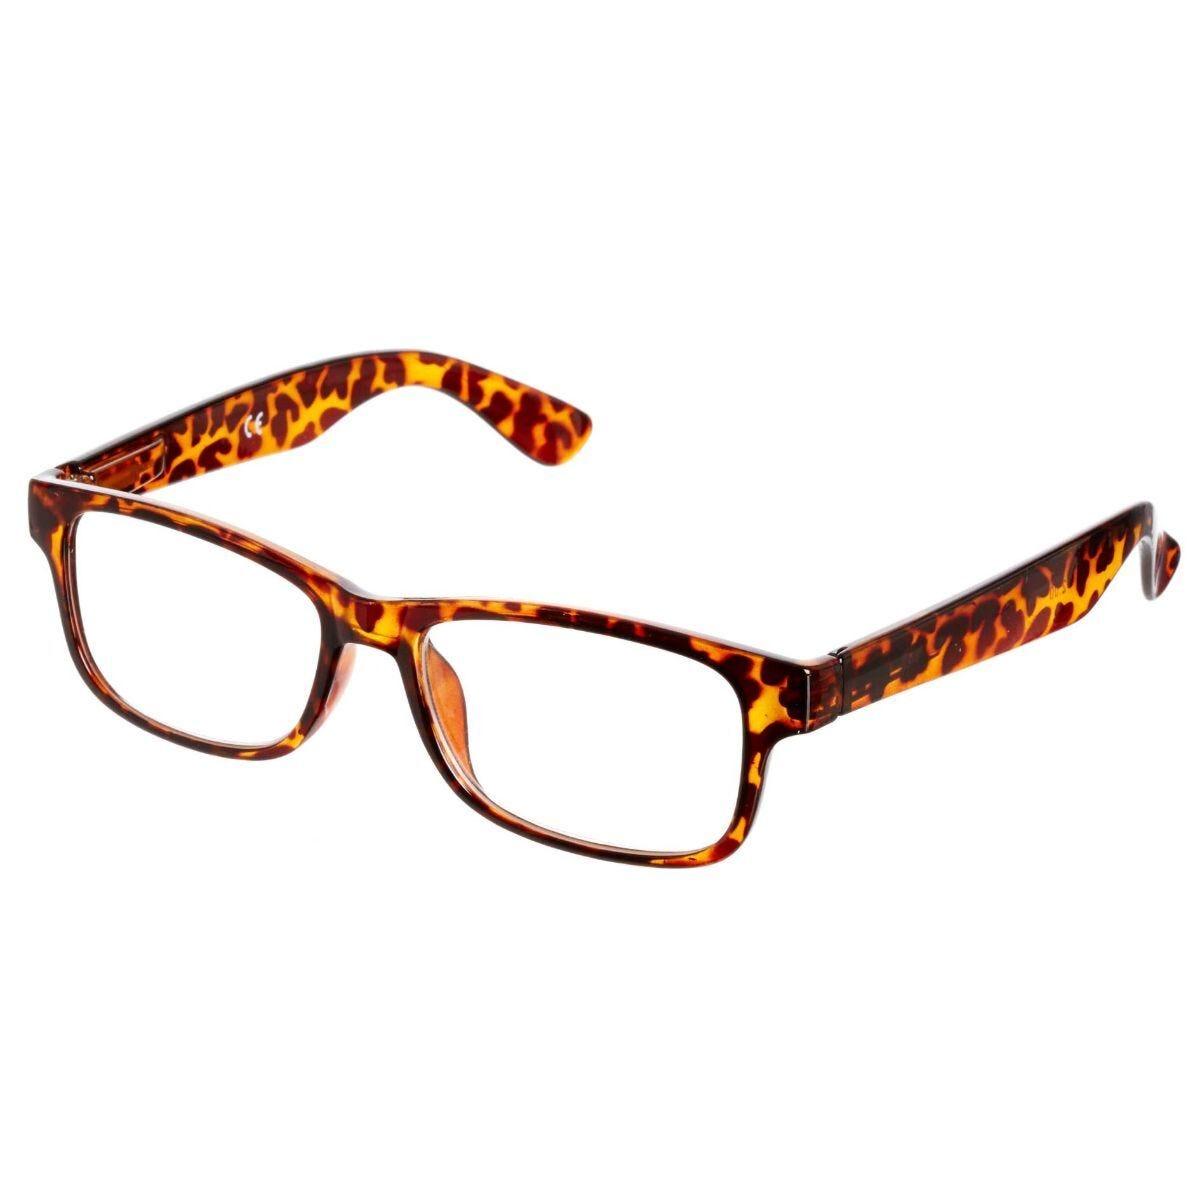 Ryman Reading Glasses + 2.0 Tortoise Shell Frame